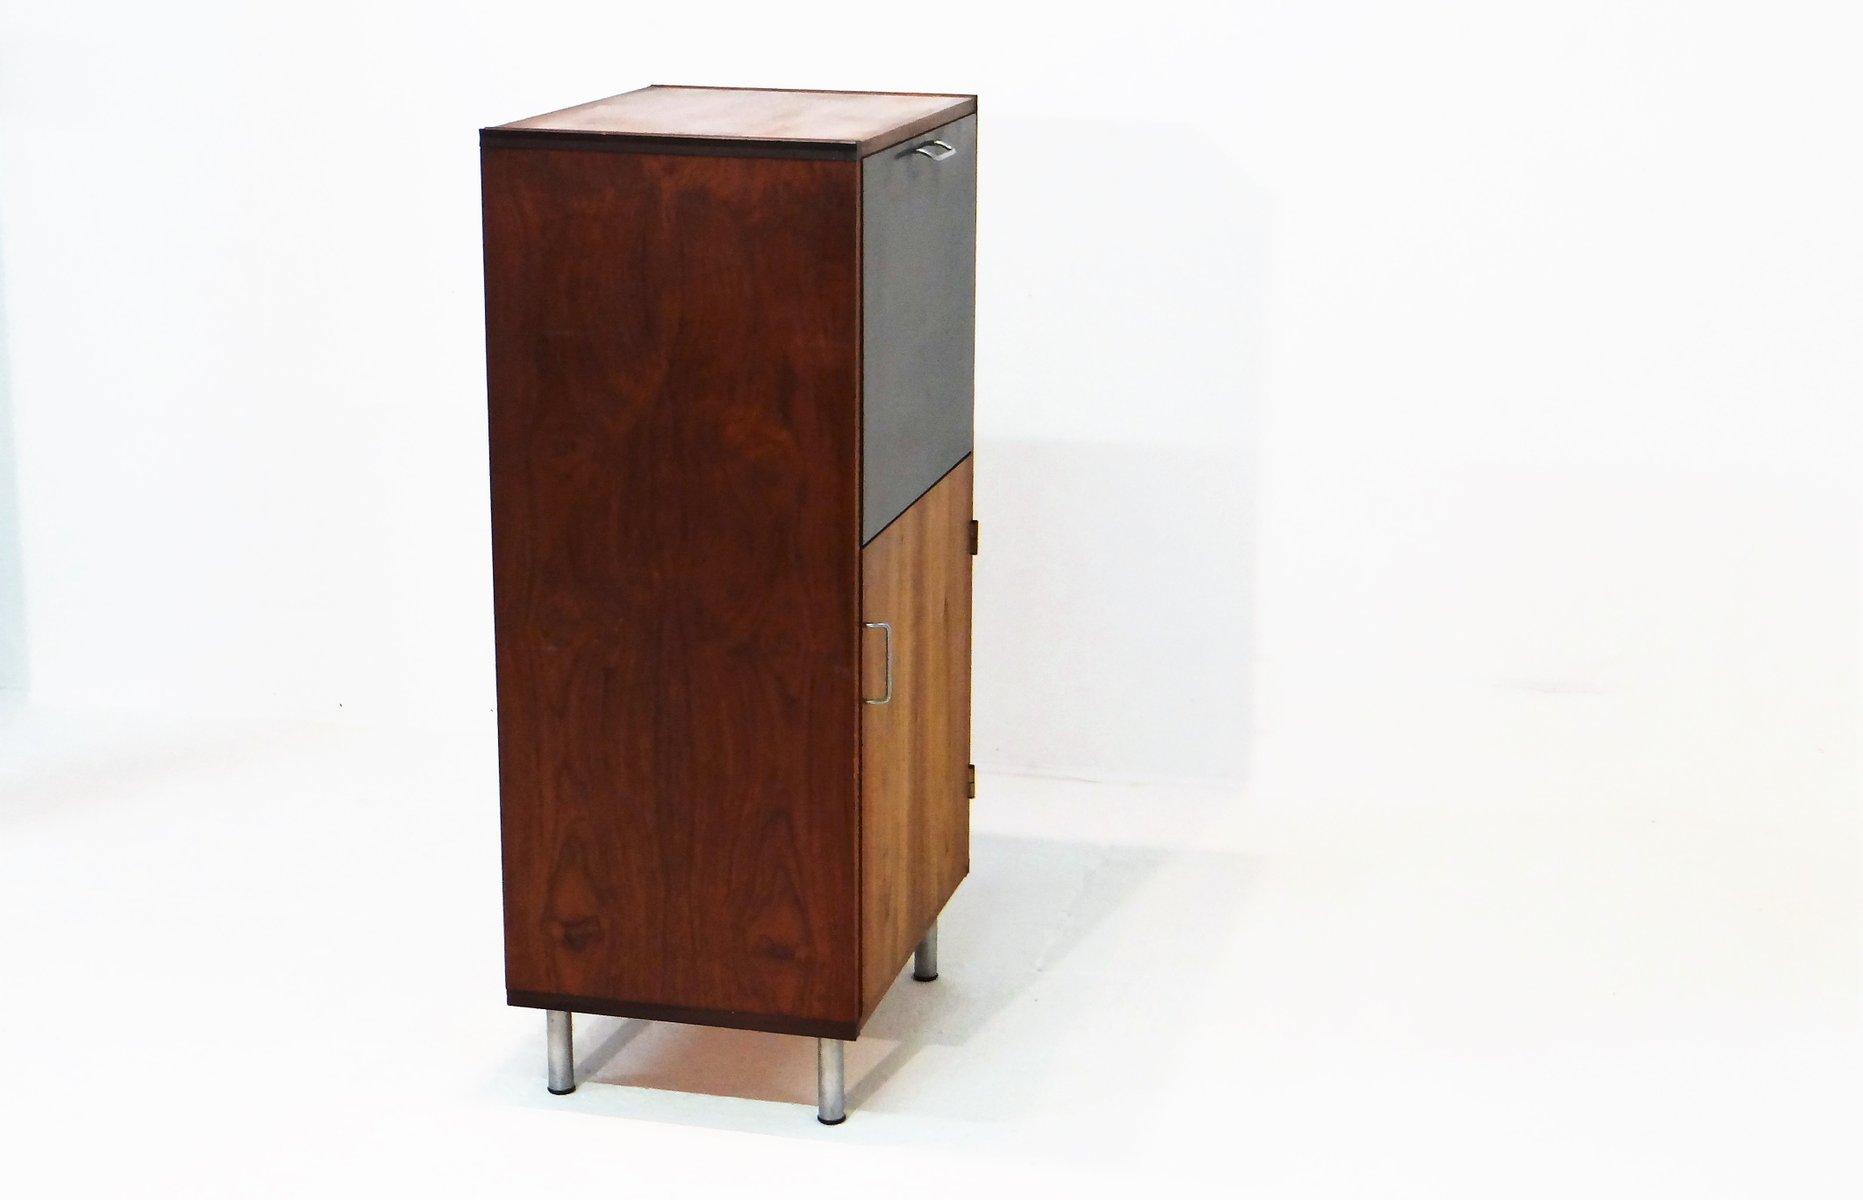 niederl ndischer schrank von cees braakman f r pastoe 1950er bei pamono kaufen. Black Bedroom Furniture Sets. Home Design Ideas